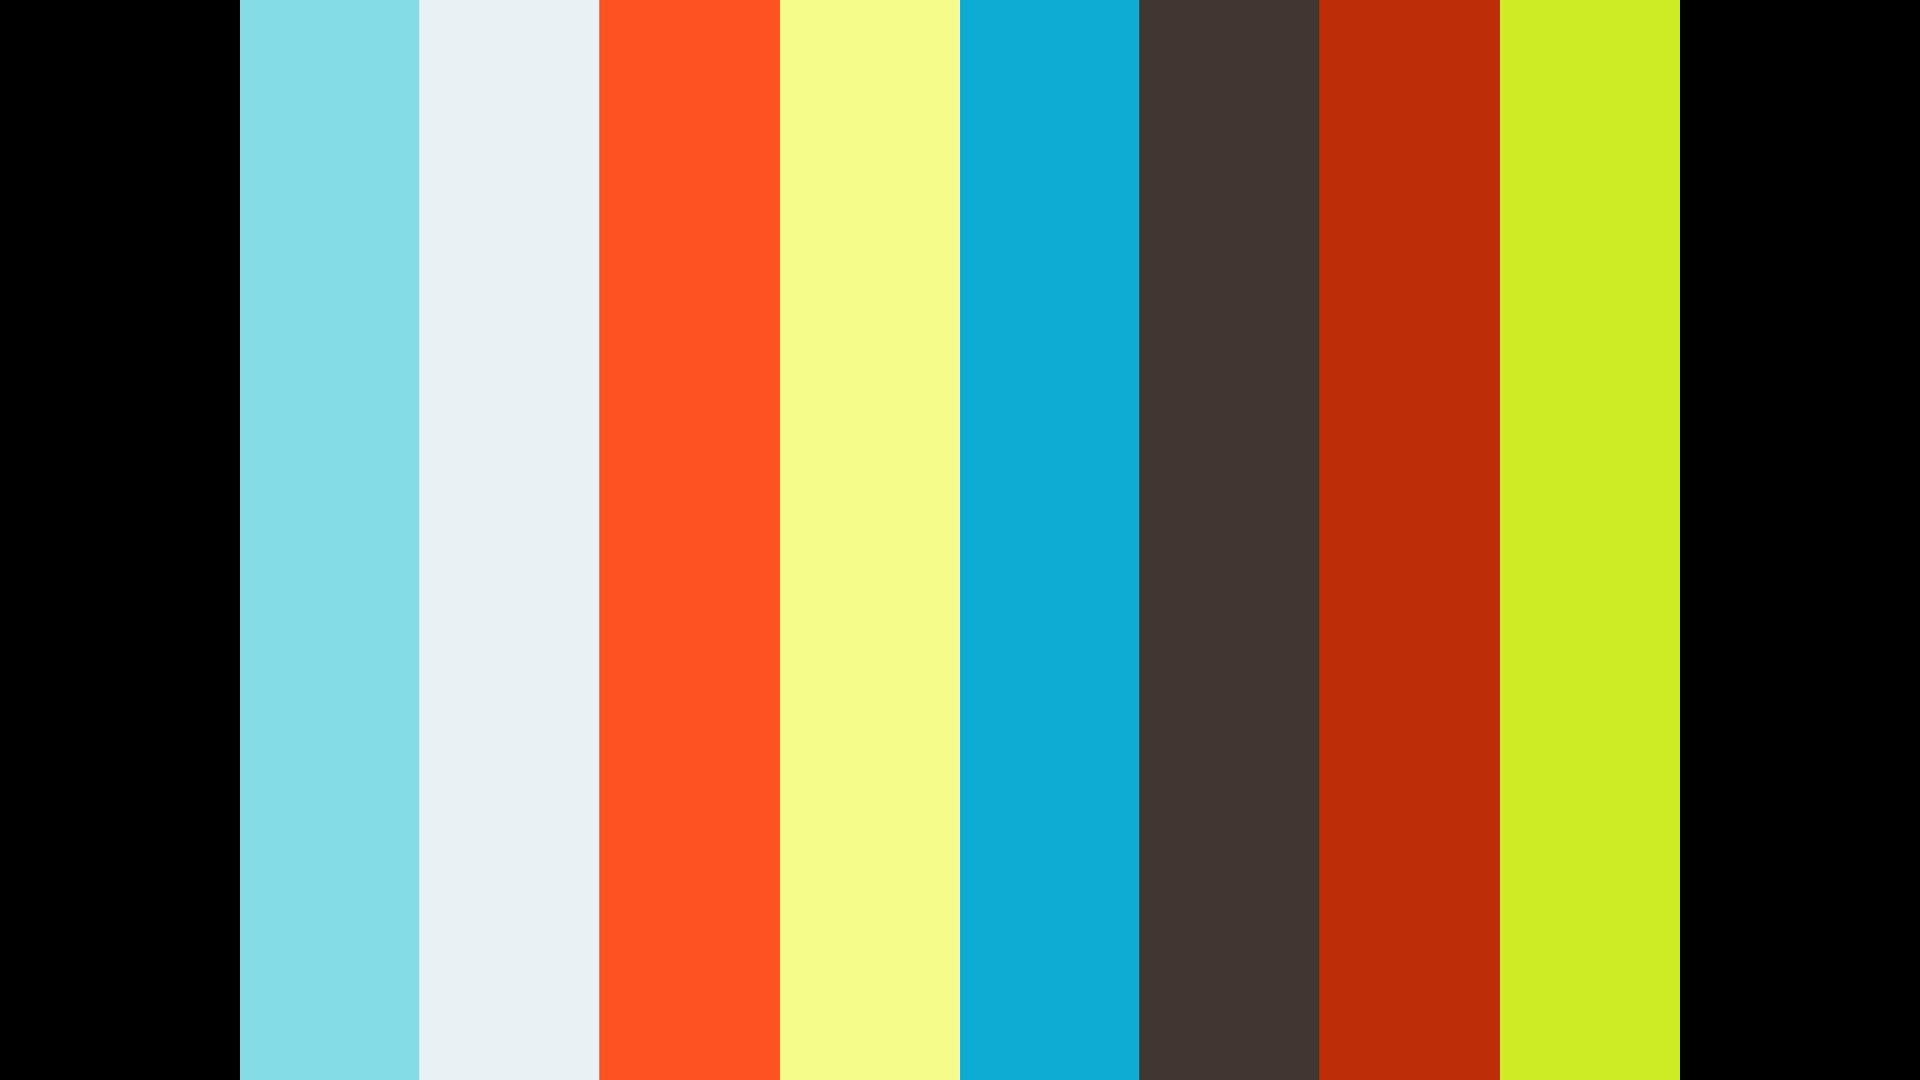 050721 - Shoulders